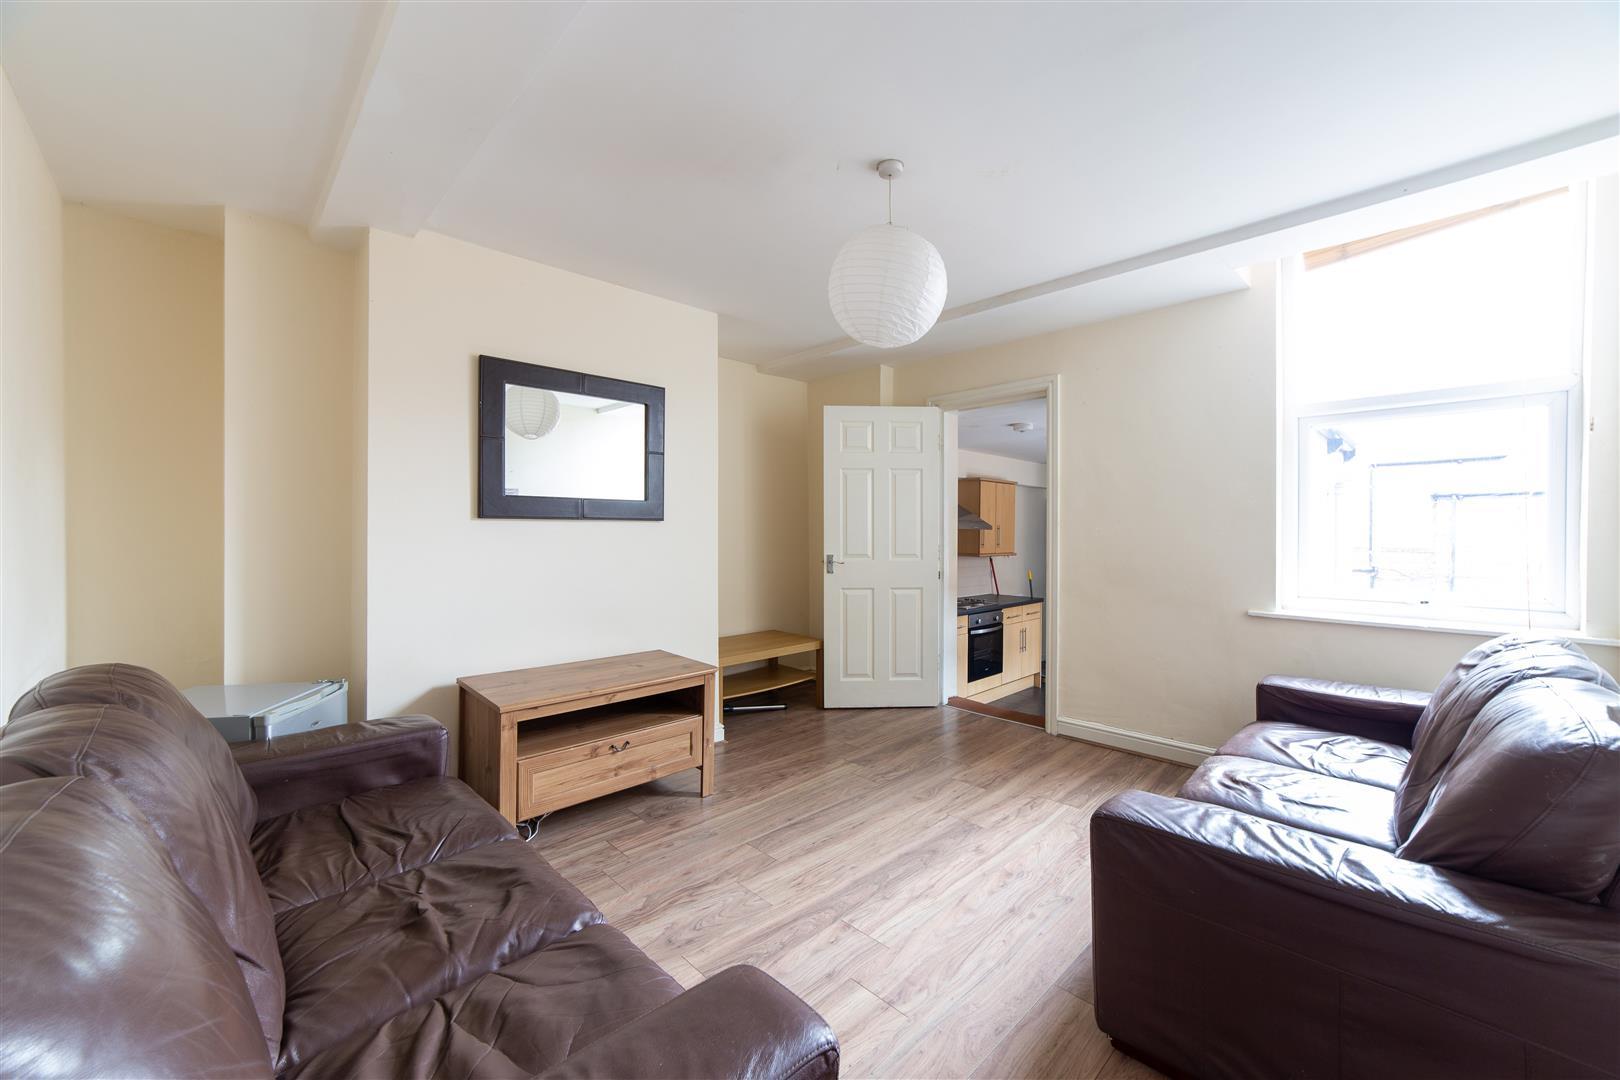 6 bed maisonette to rent in Newcastle Upon Tyne, NE2 3DA, NE2